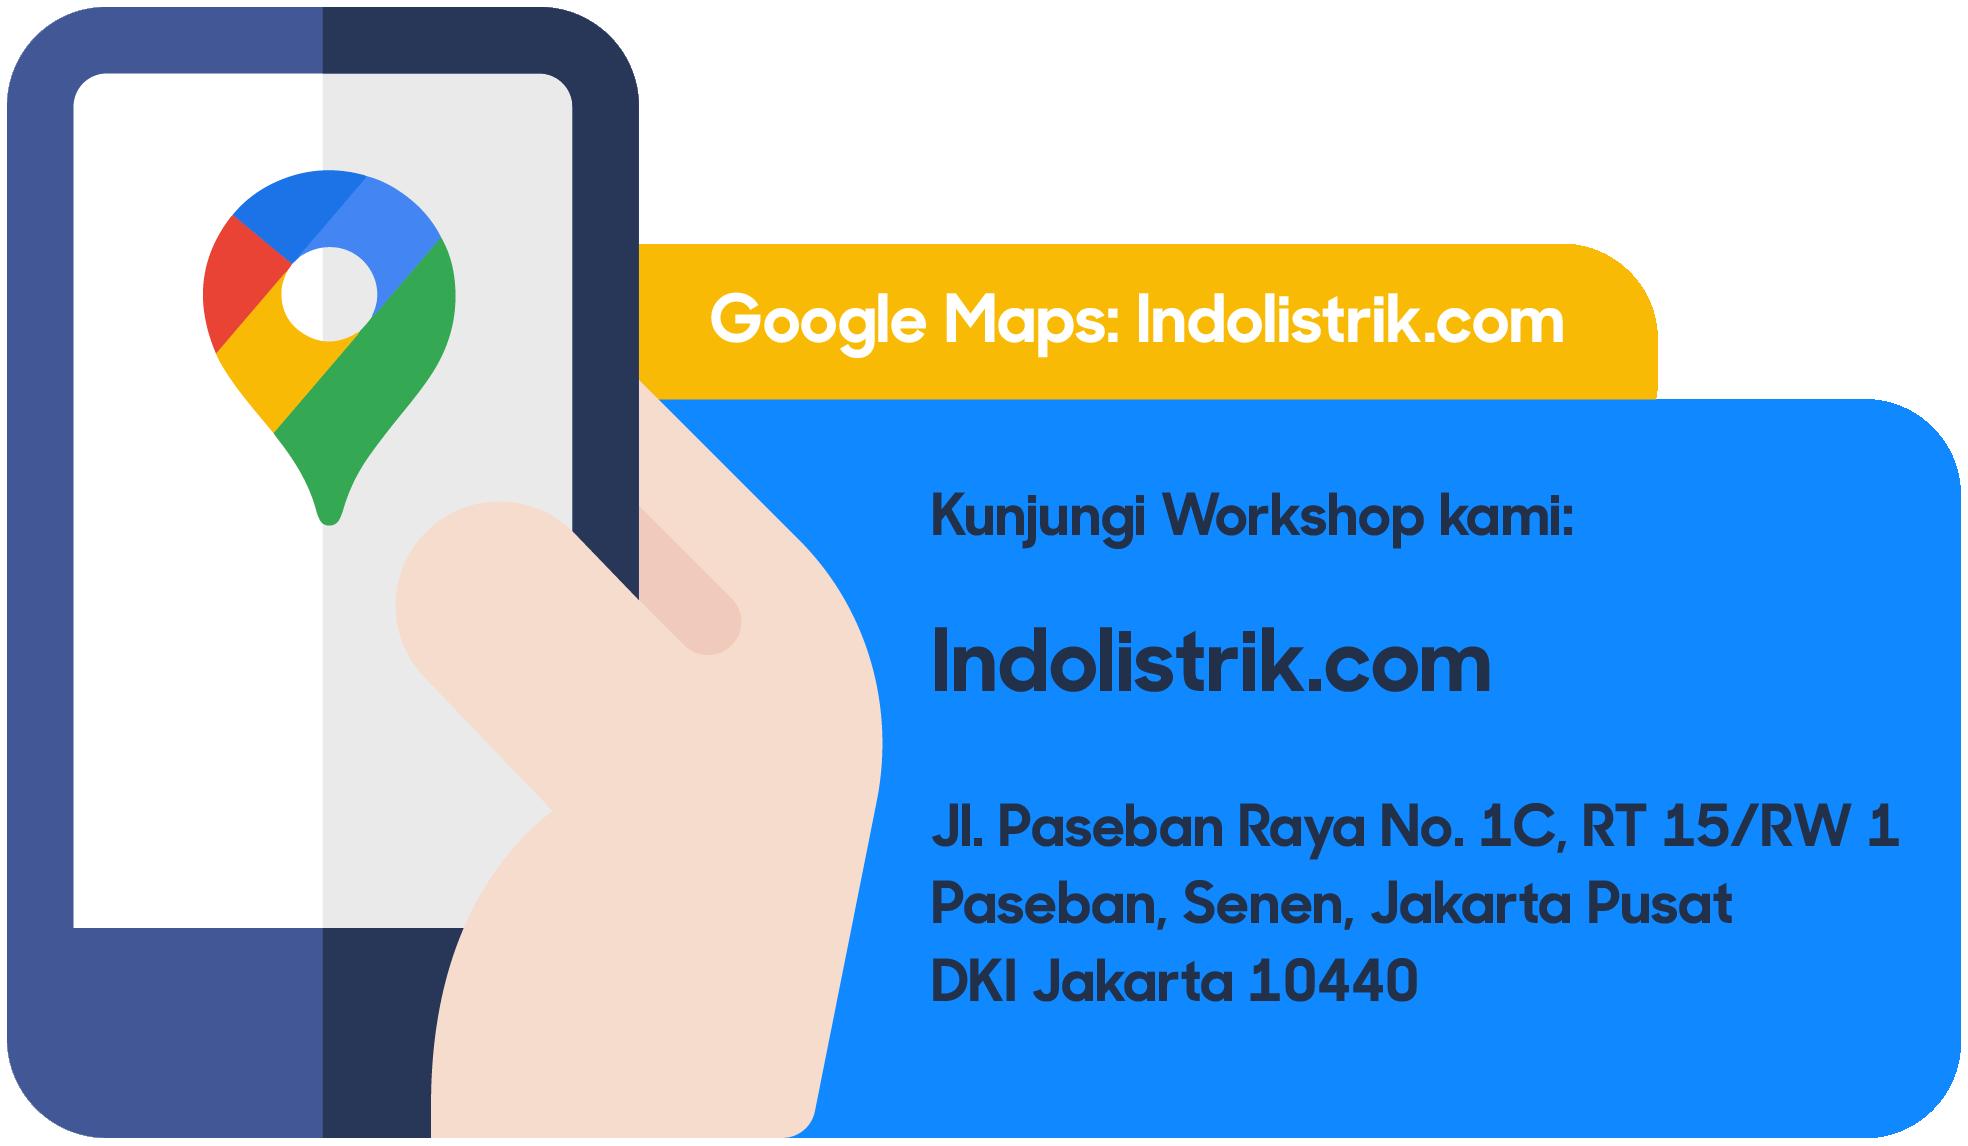 Indolistrik.com